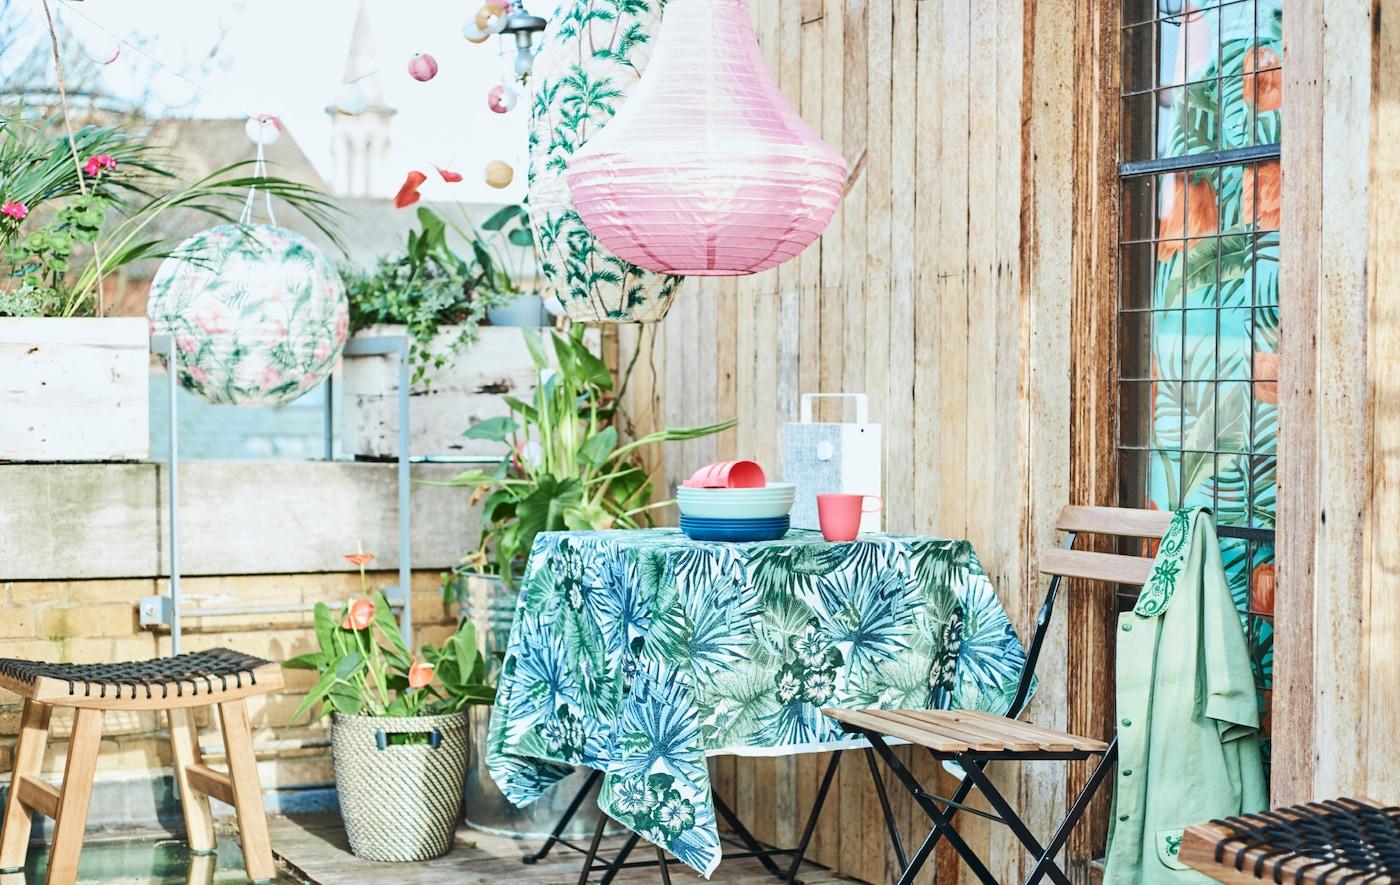 Jardinière À Suspendre Ikea transformer un balcon en rendez-vous de l'été - ikea